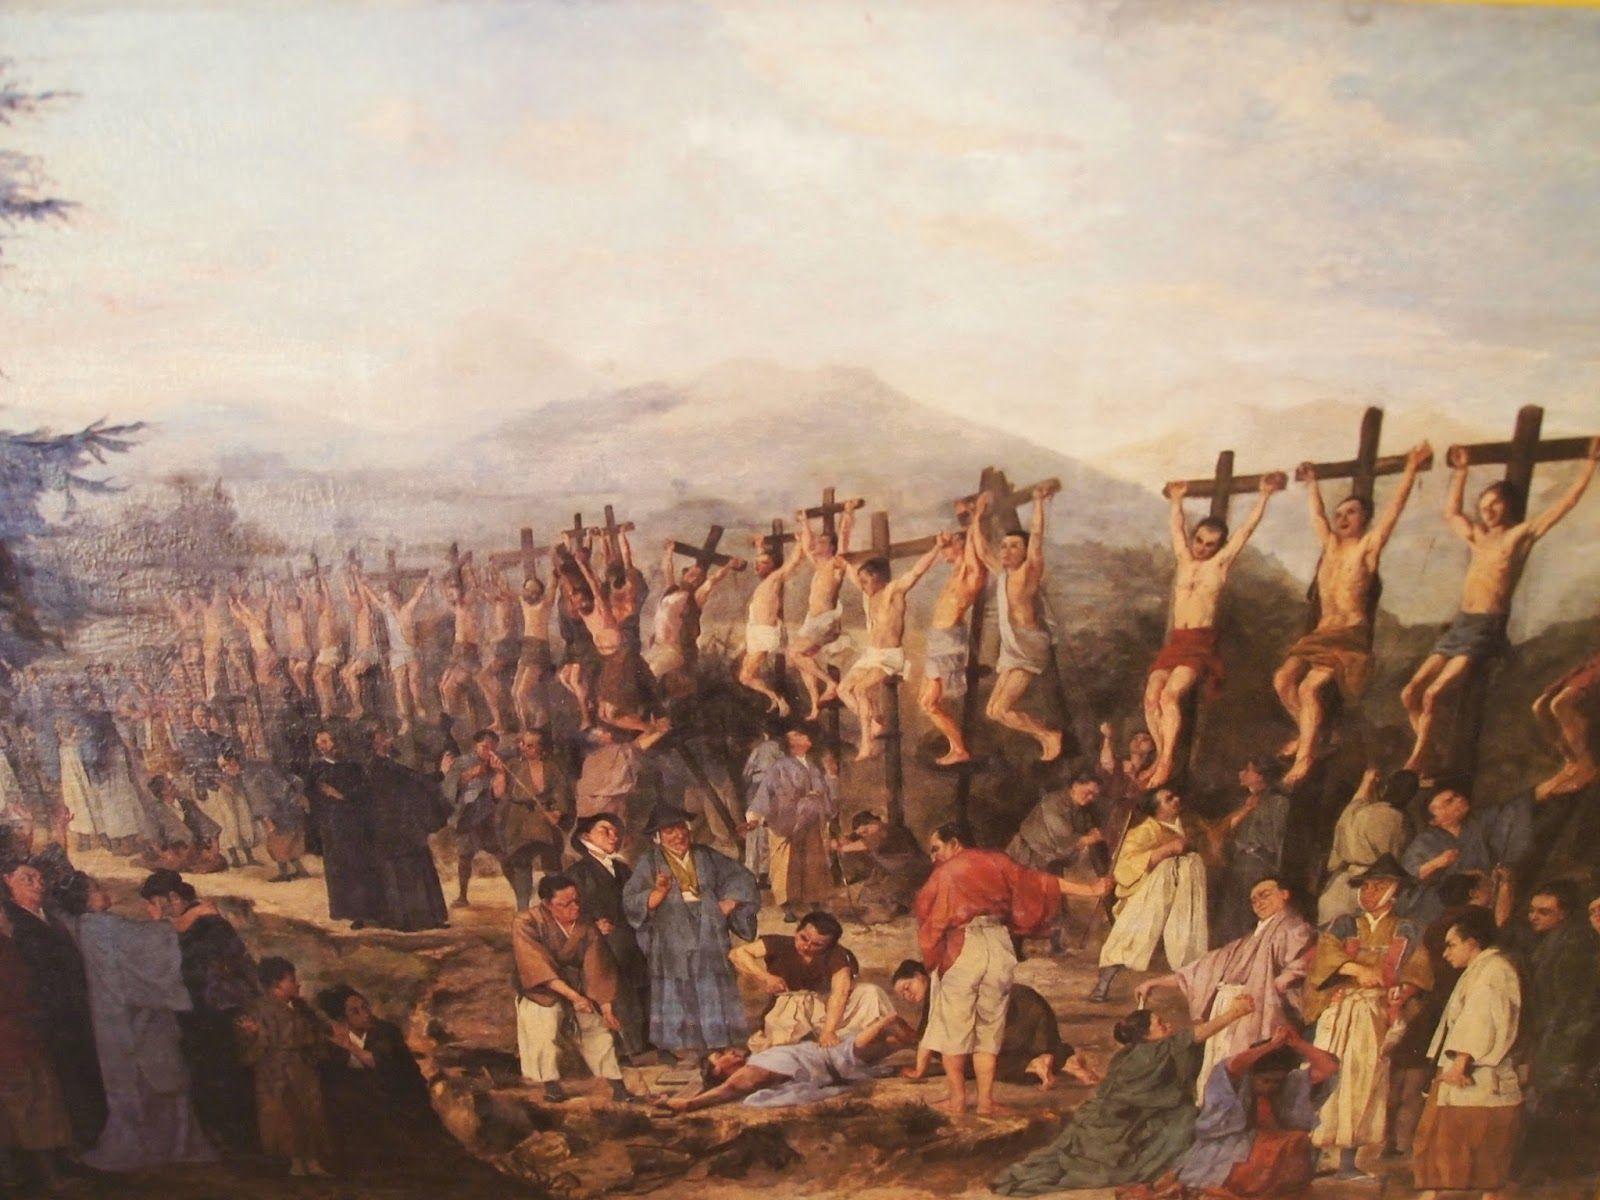 Симабарское восстание — как христиане восстали против сегуна